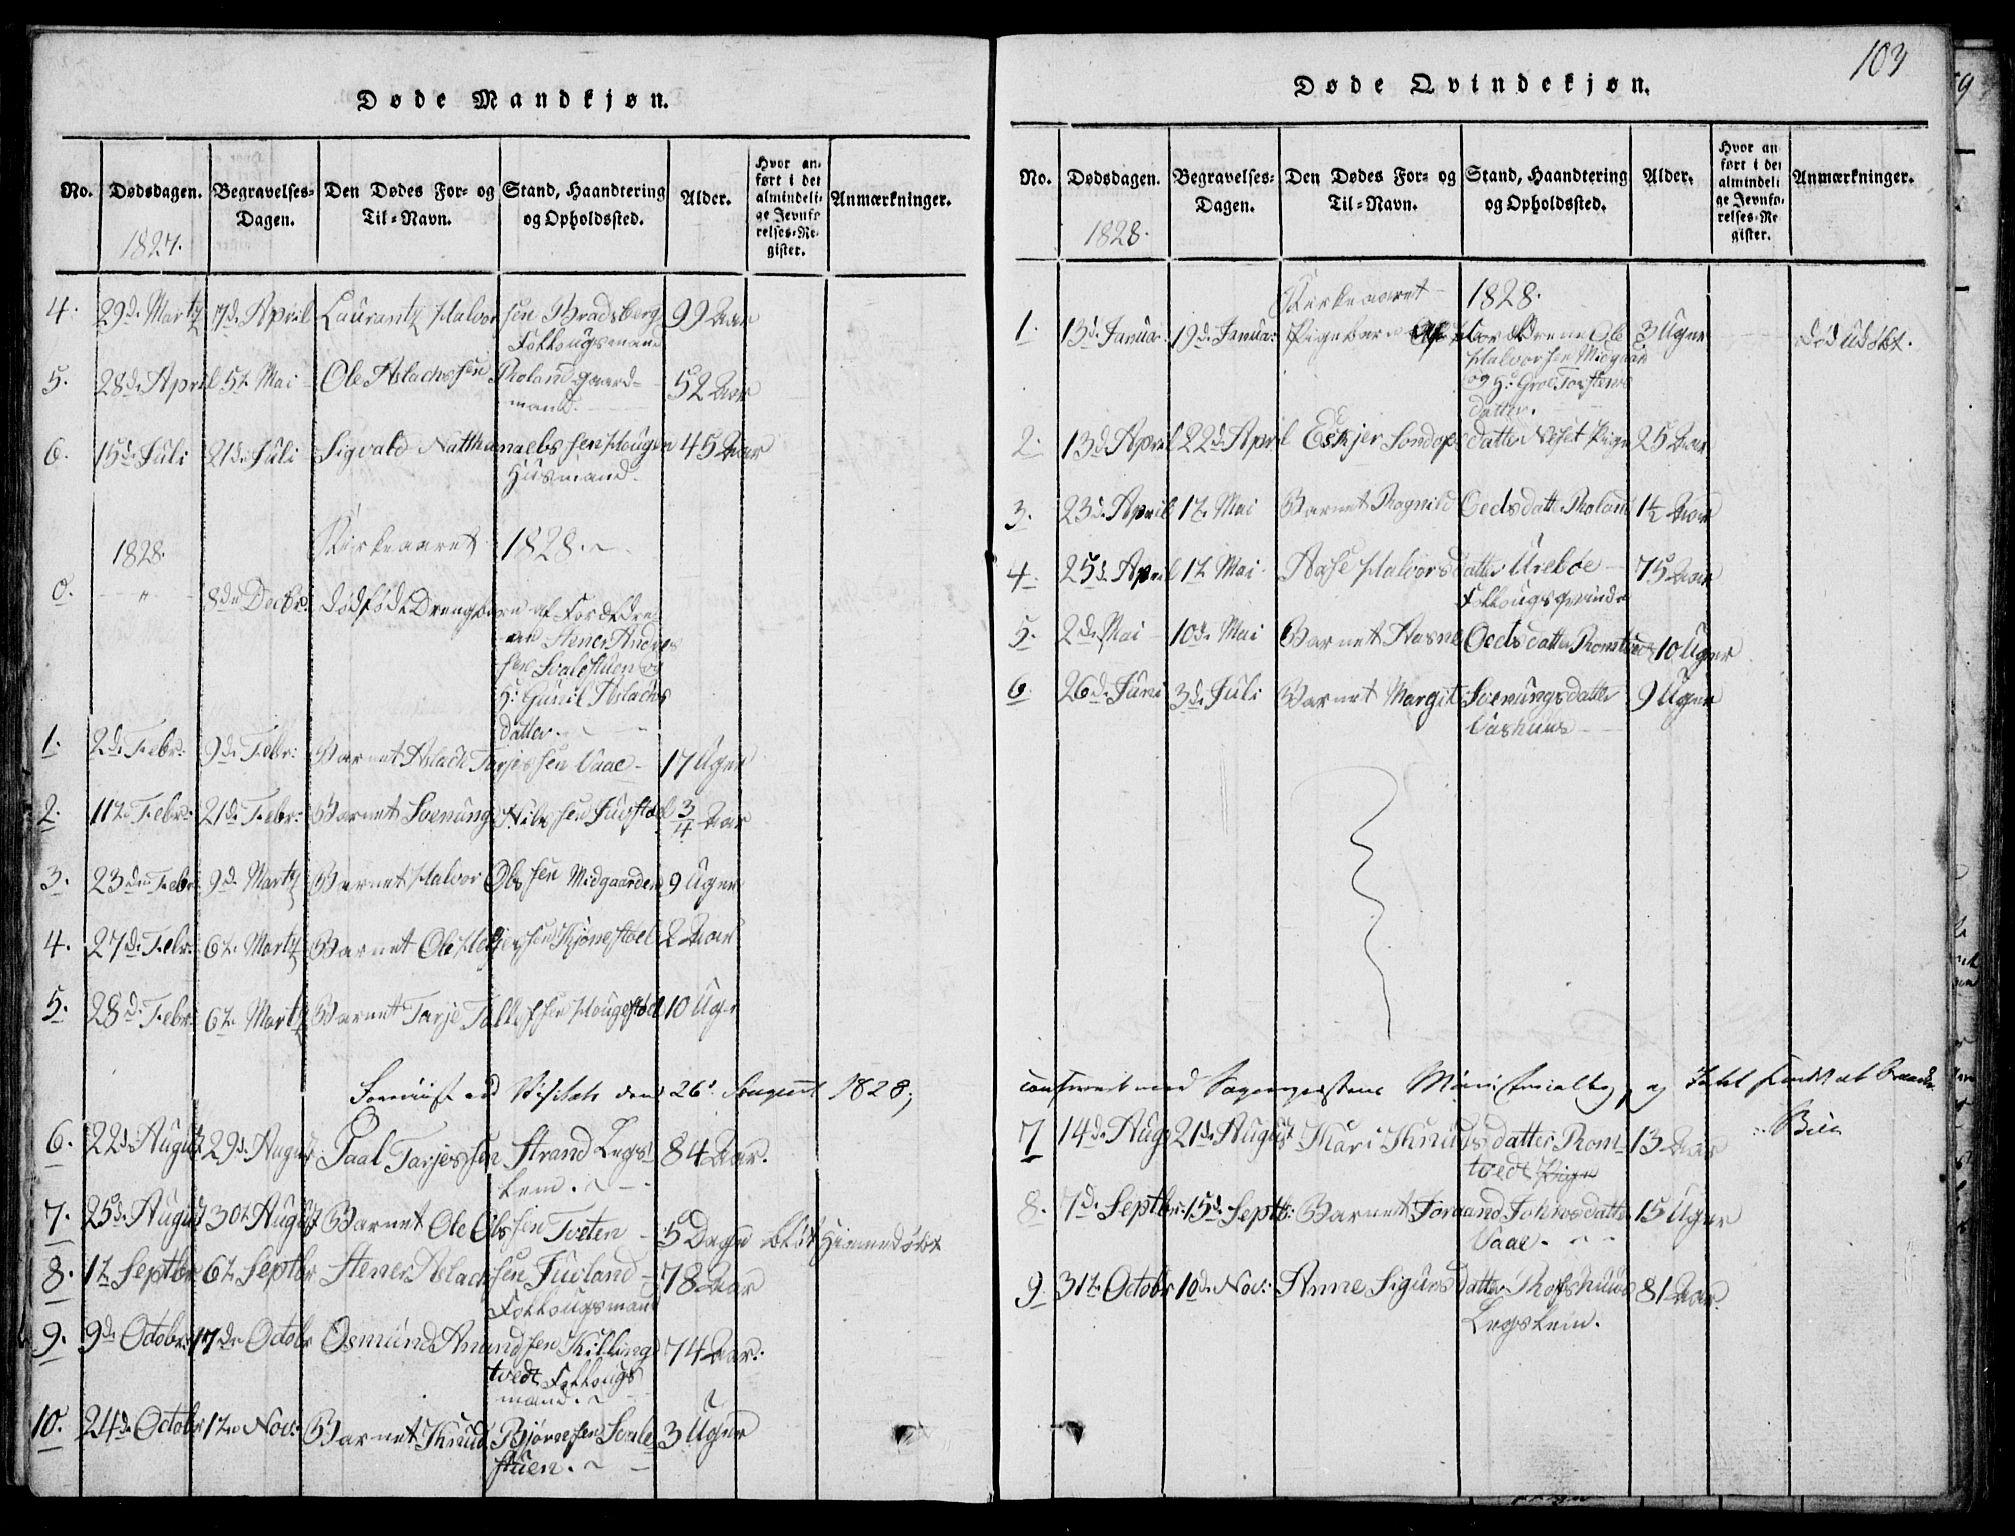 SAKO, Rauland kirkebøker, G/Ga/L0001: Klokkerbok nr. I 1, 1814-1843, s. 103